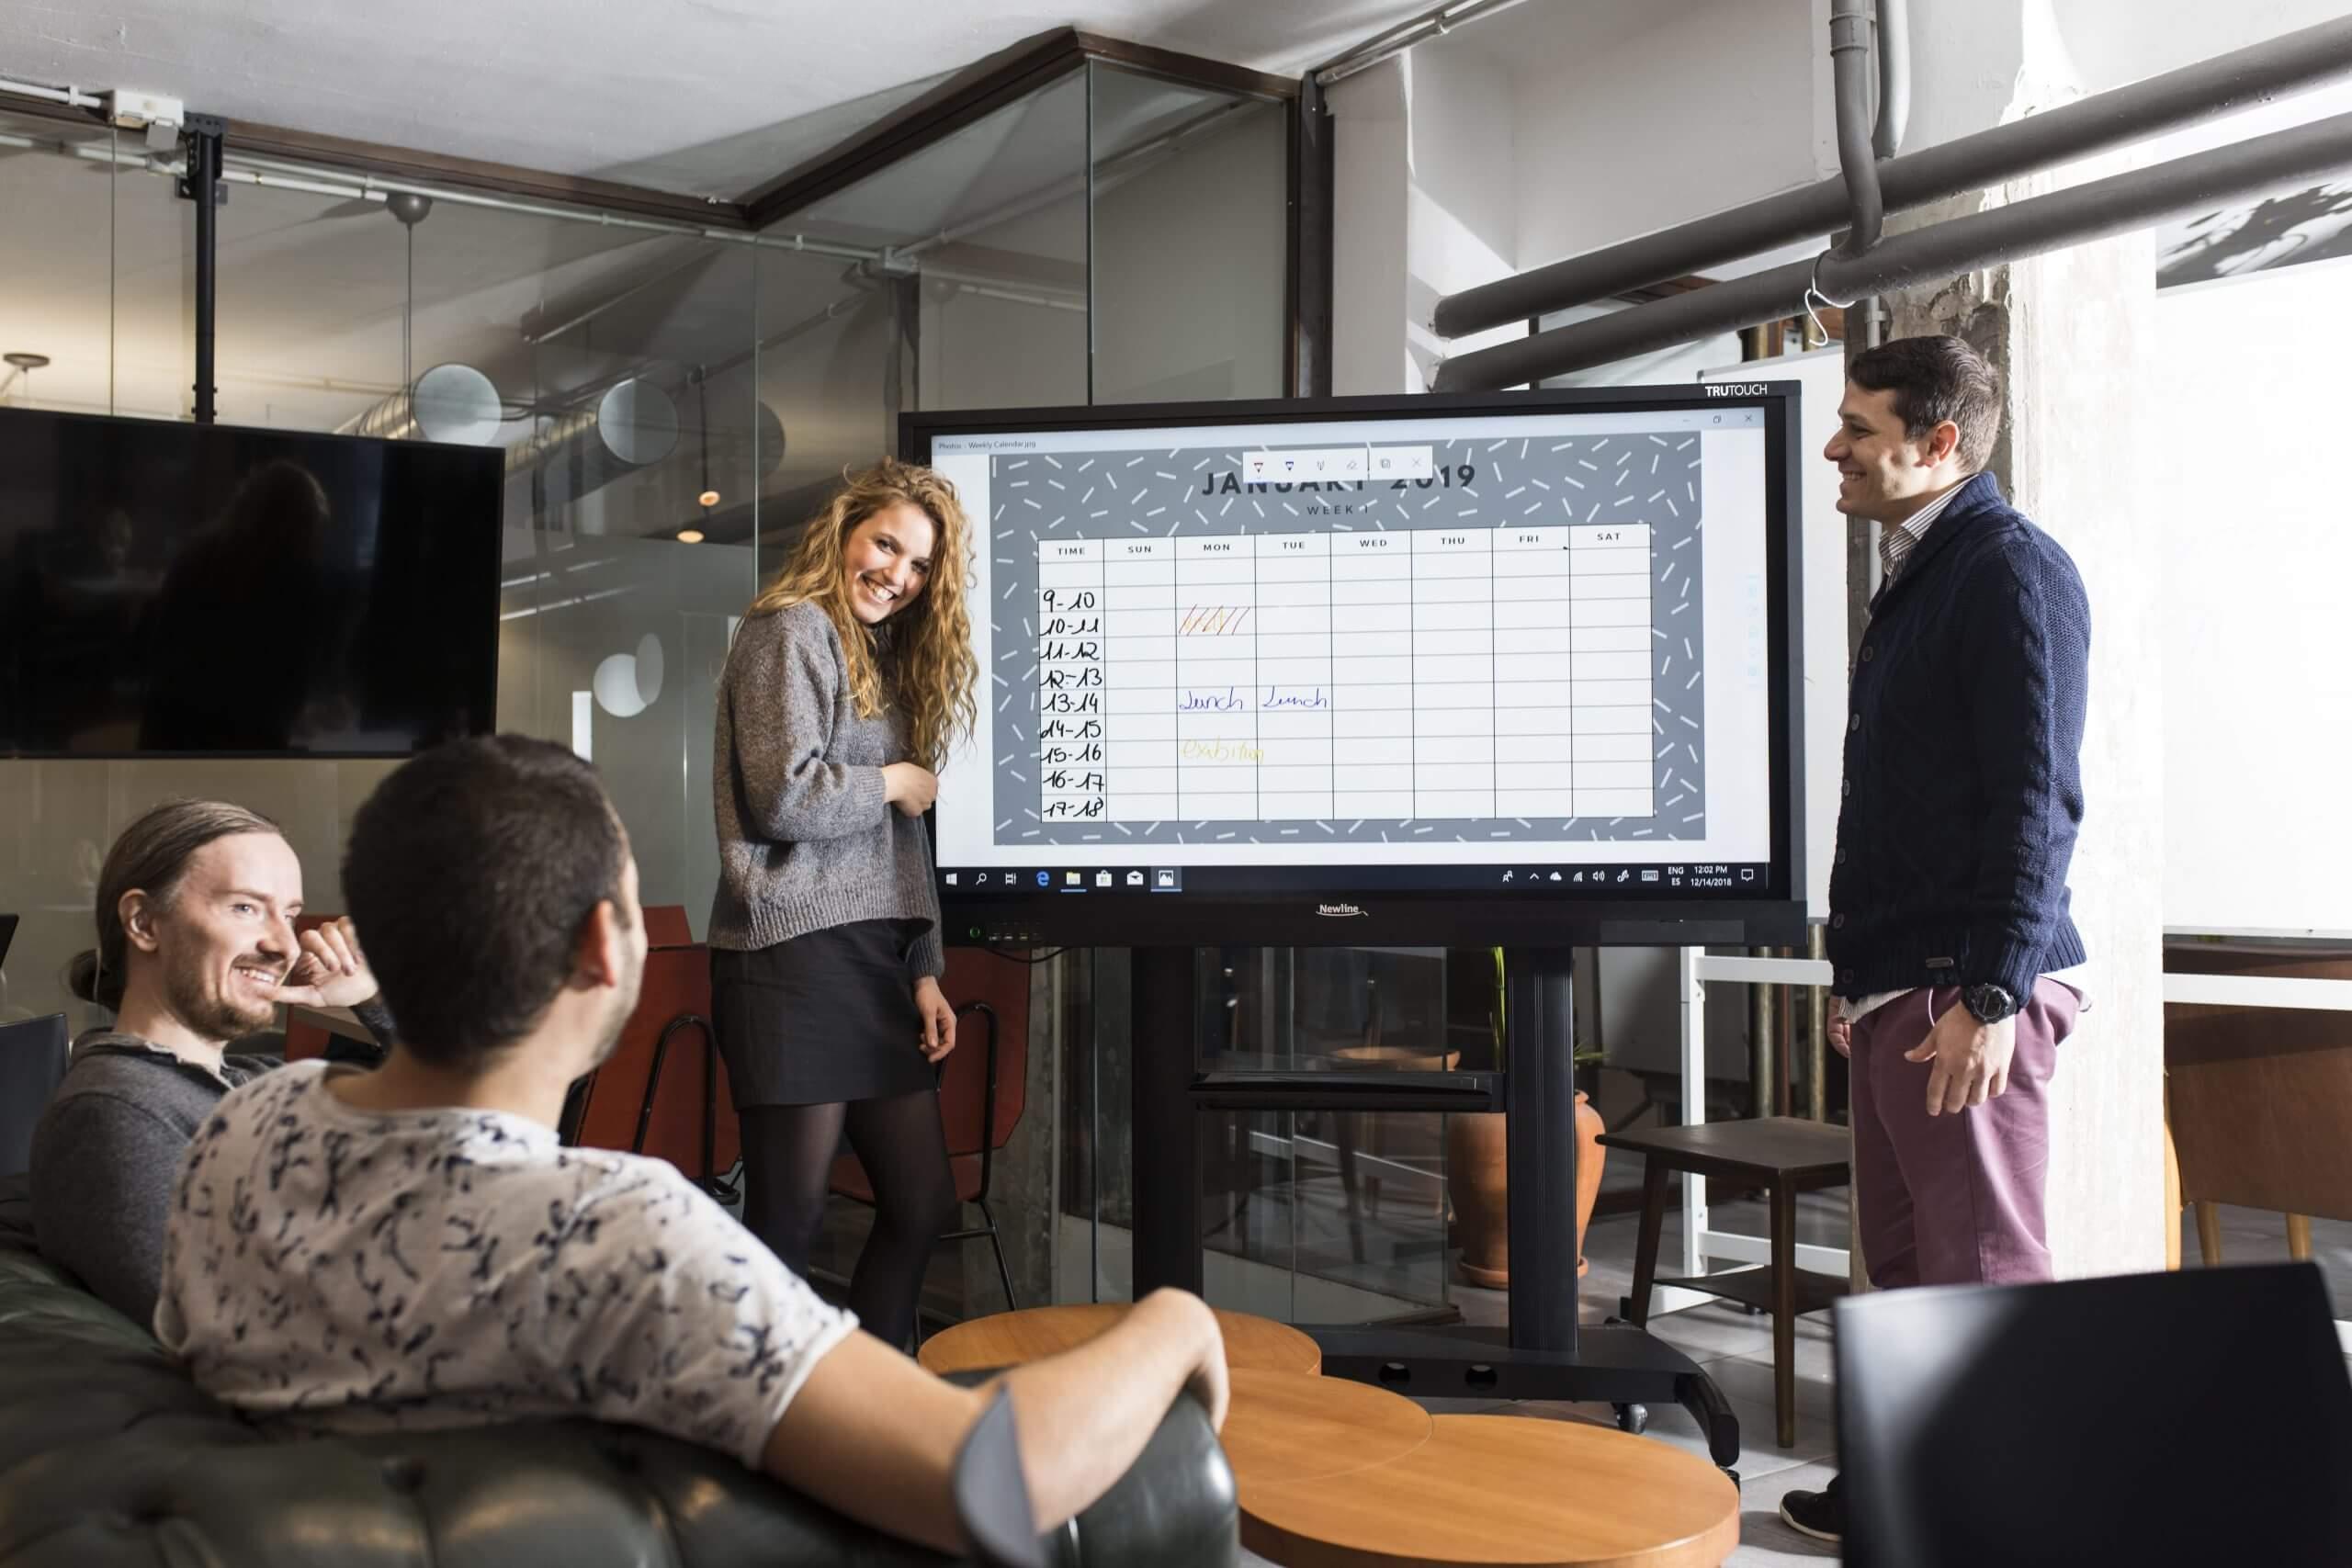 5 ventajas de la pantalla interactiva para empresas